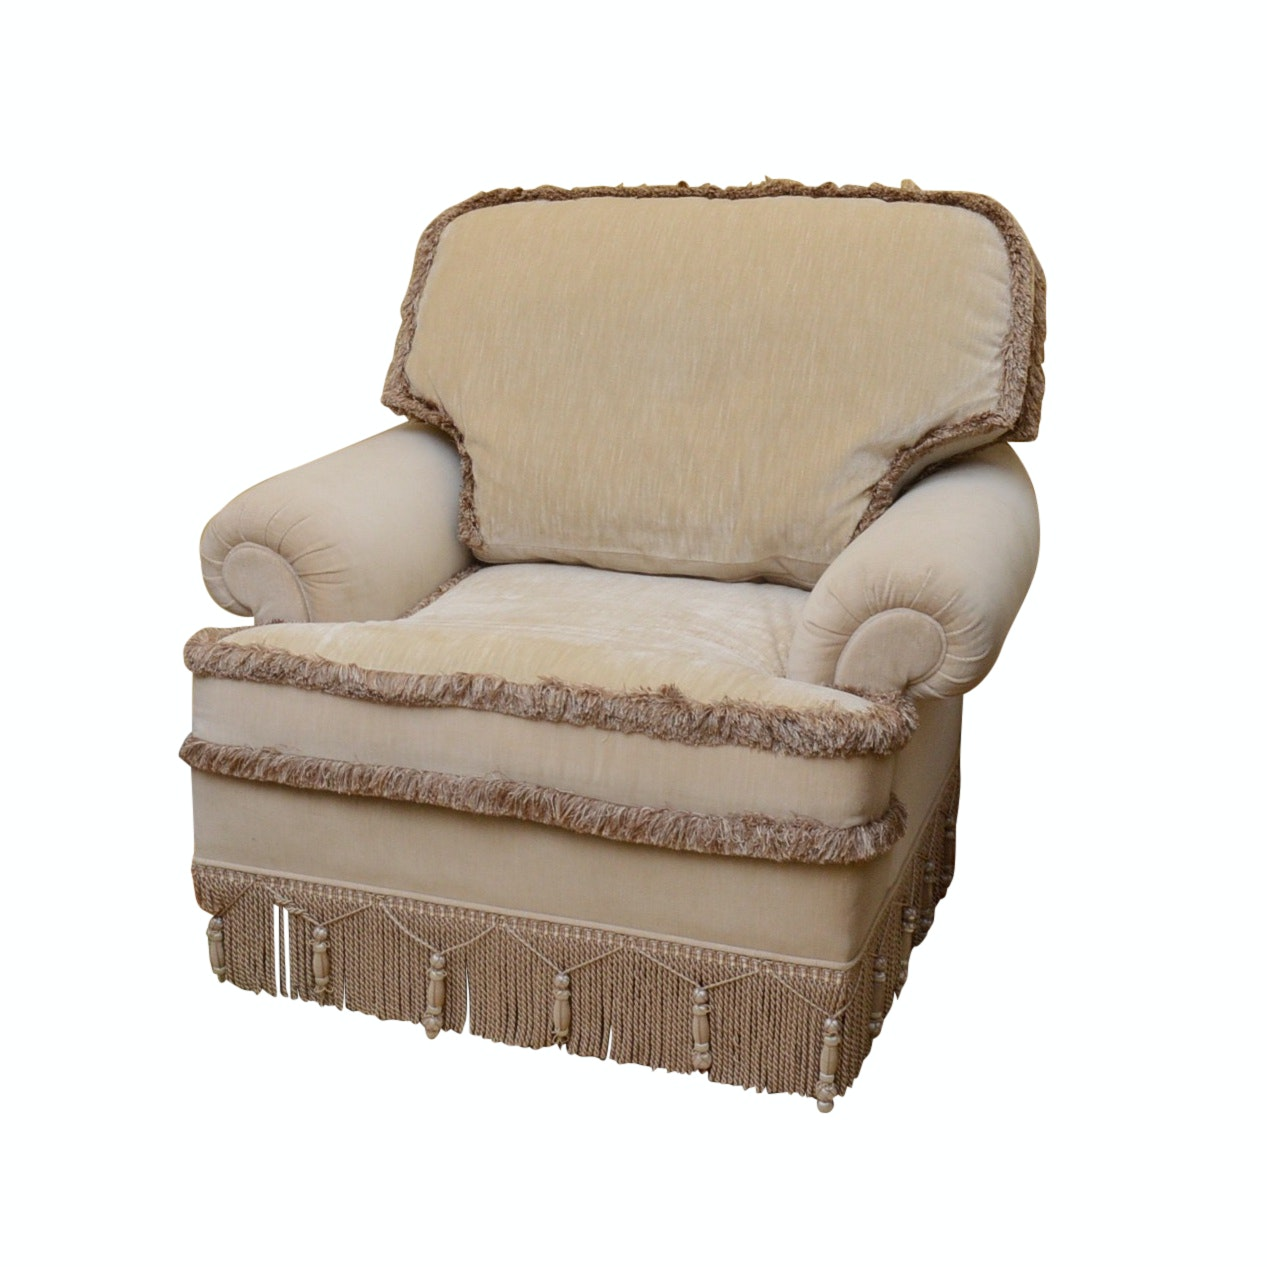 Custom Upholstered Stroheim & Romann Belgian Linen Velvet Occasional Chair